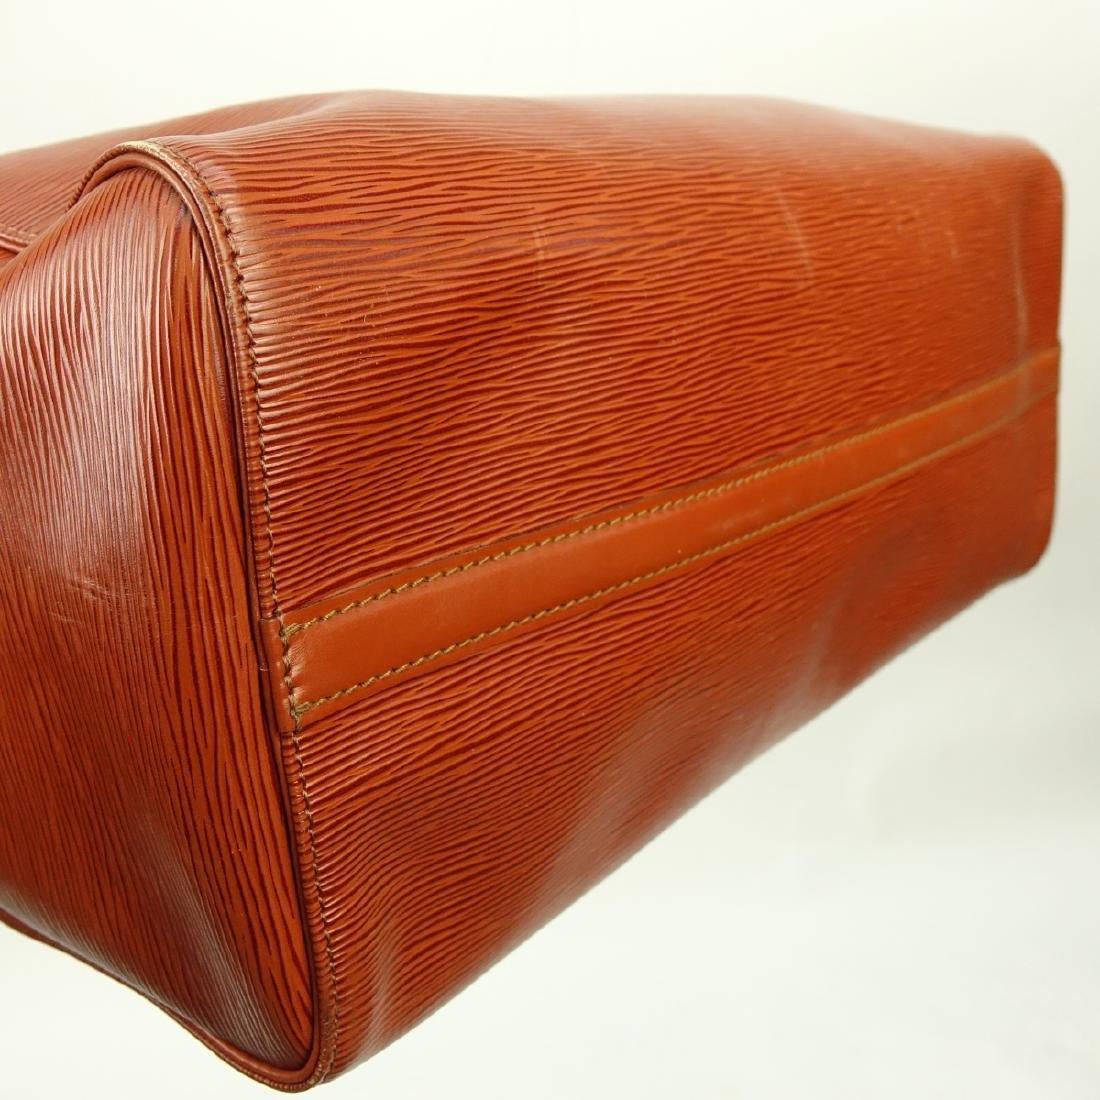 Louis Vuitton Tan Epi Leather Speedy 40 Bag - 5